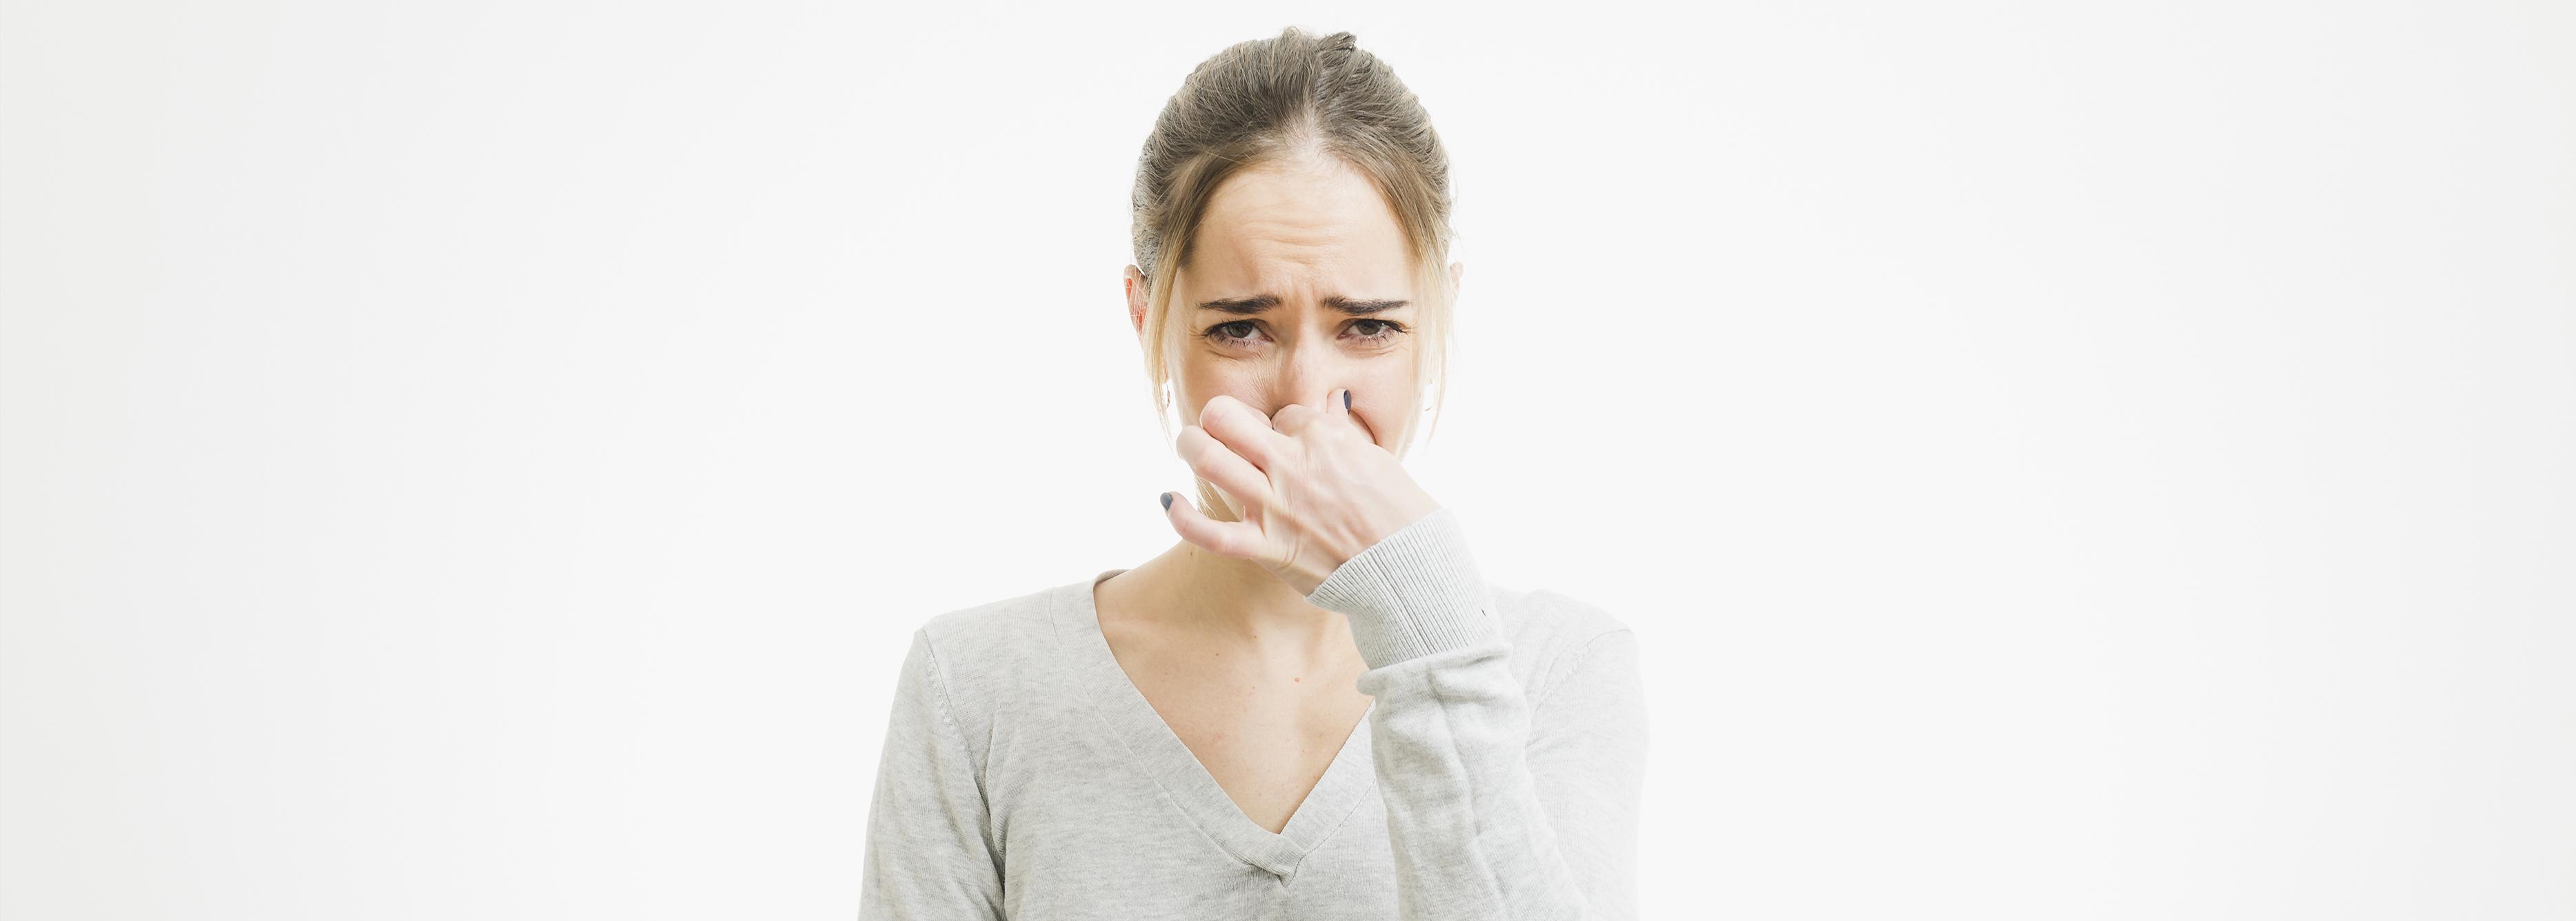 que es mejor usar desodorante o antitranspirante